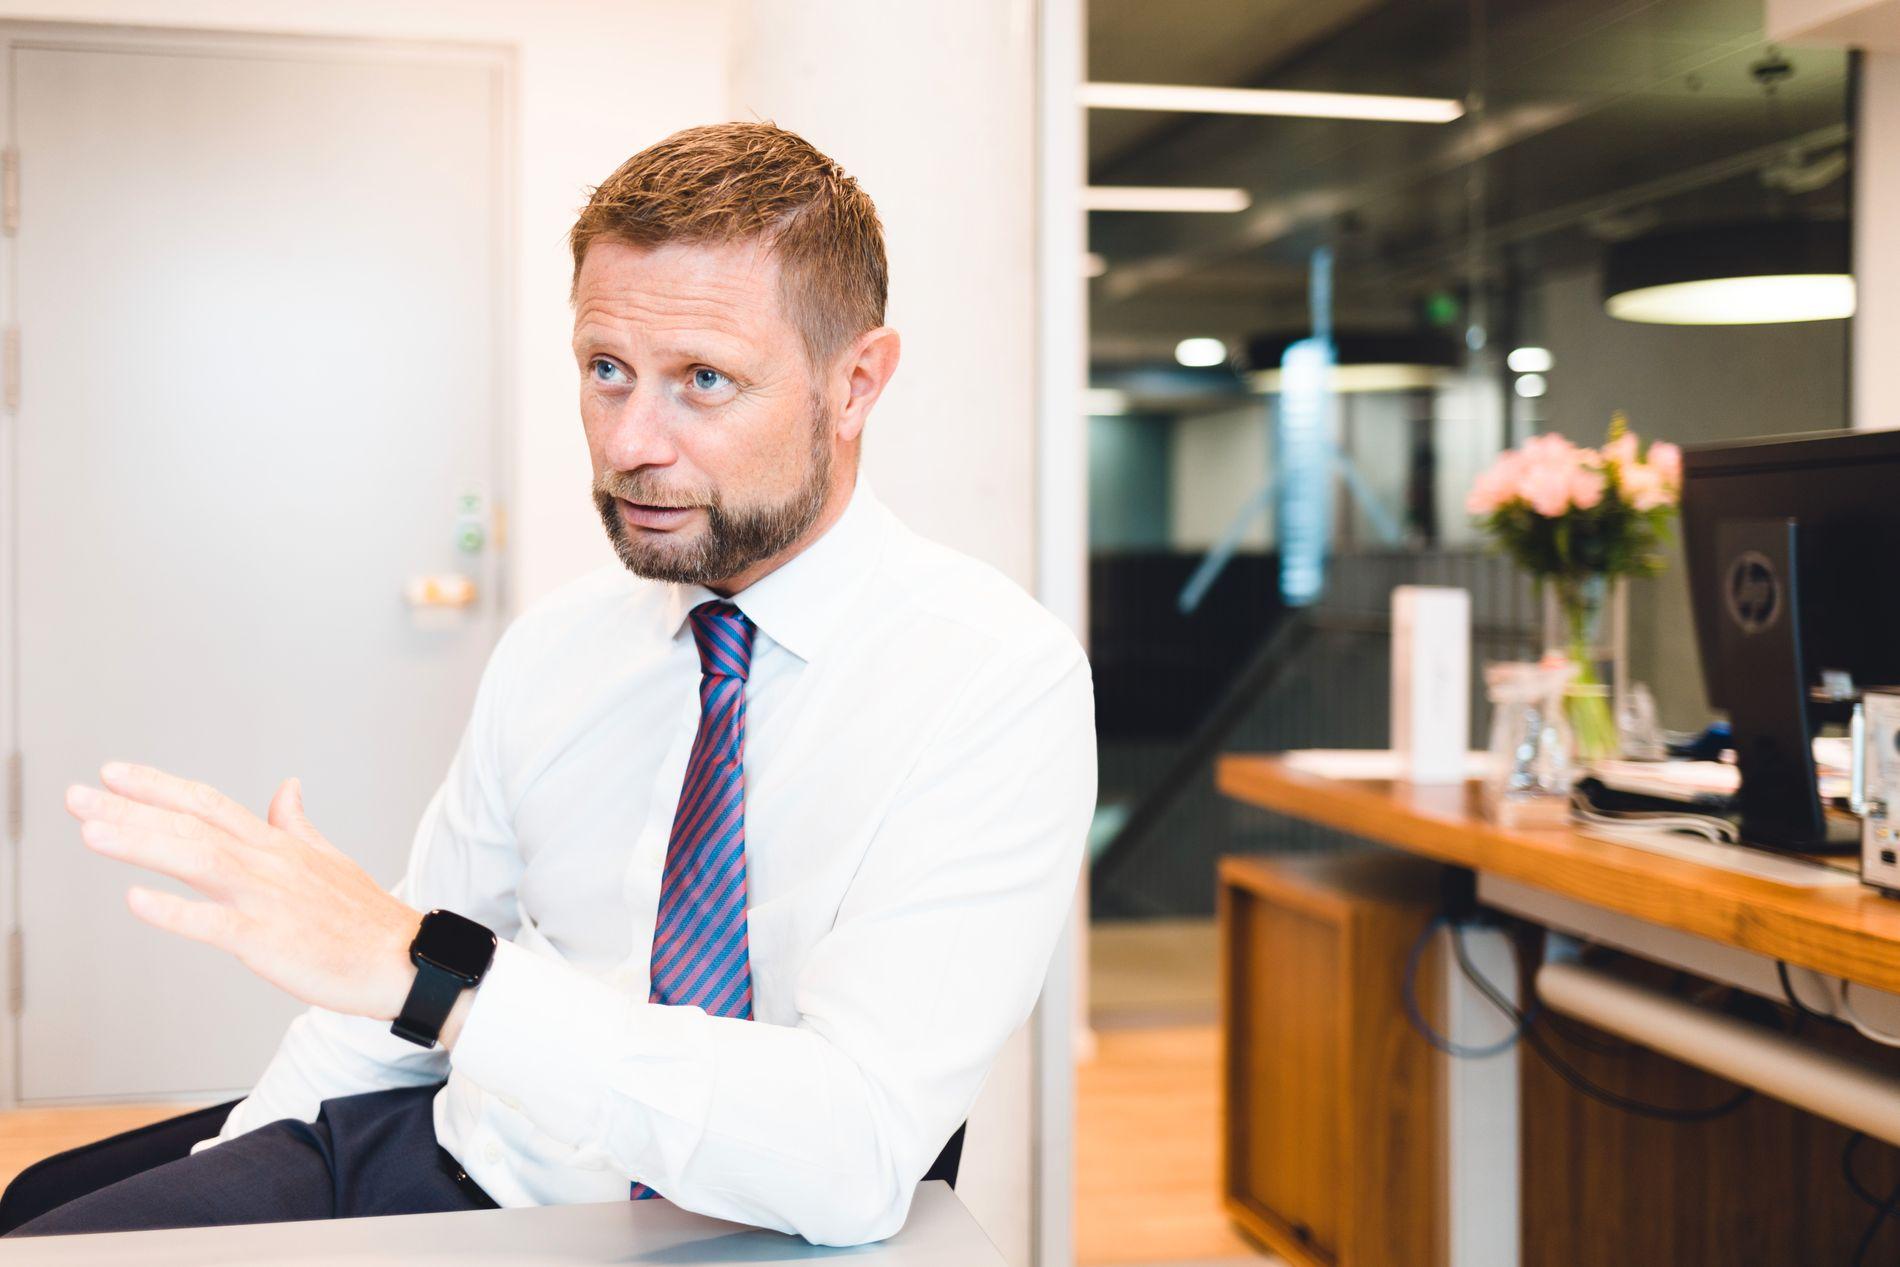 BEKYMRET: Helseminister Bent Høie (H) er bekymret for oppfølgingen av ALS-pasienter i Norge.